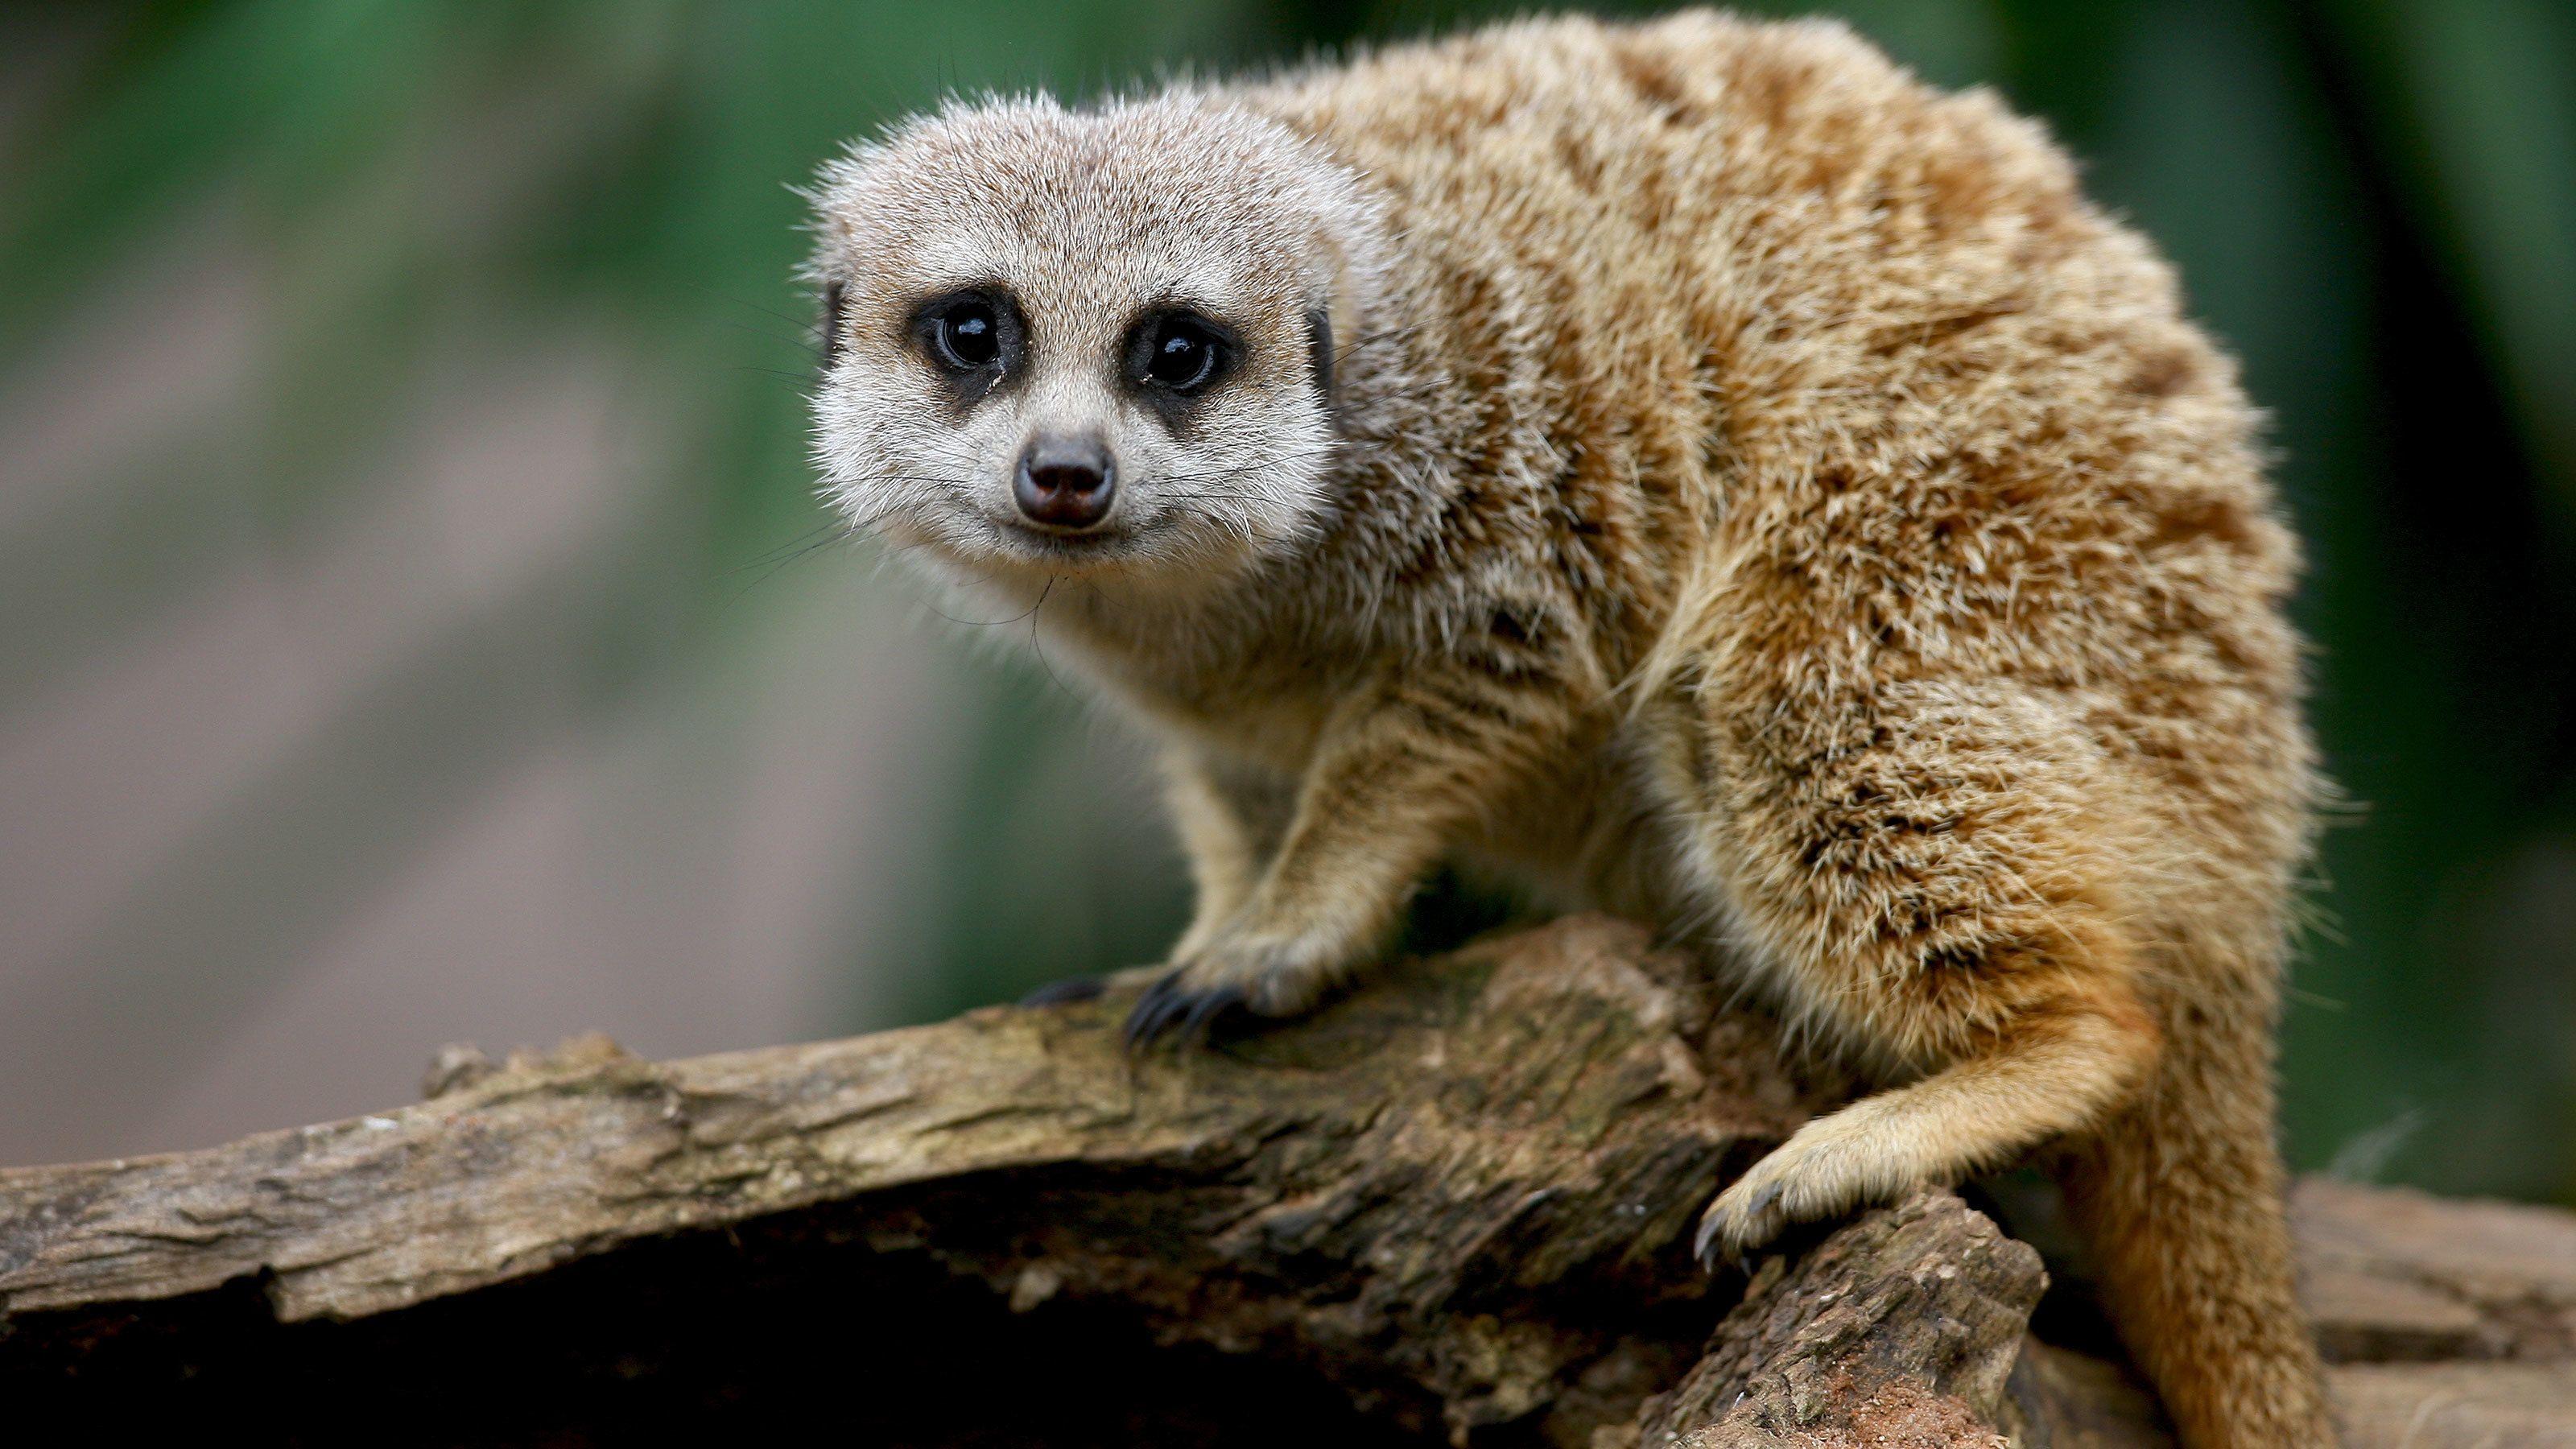 Meerkat foraging at the Werribee Open Range Zoo in Australia